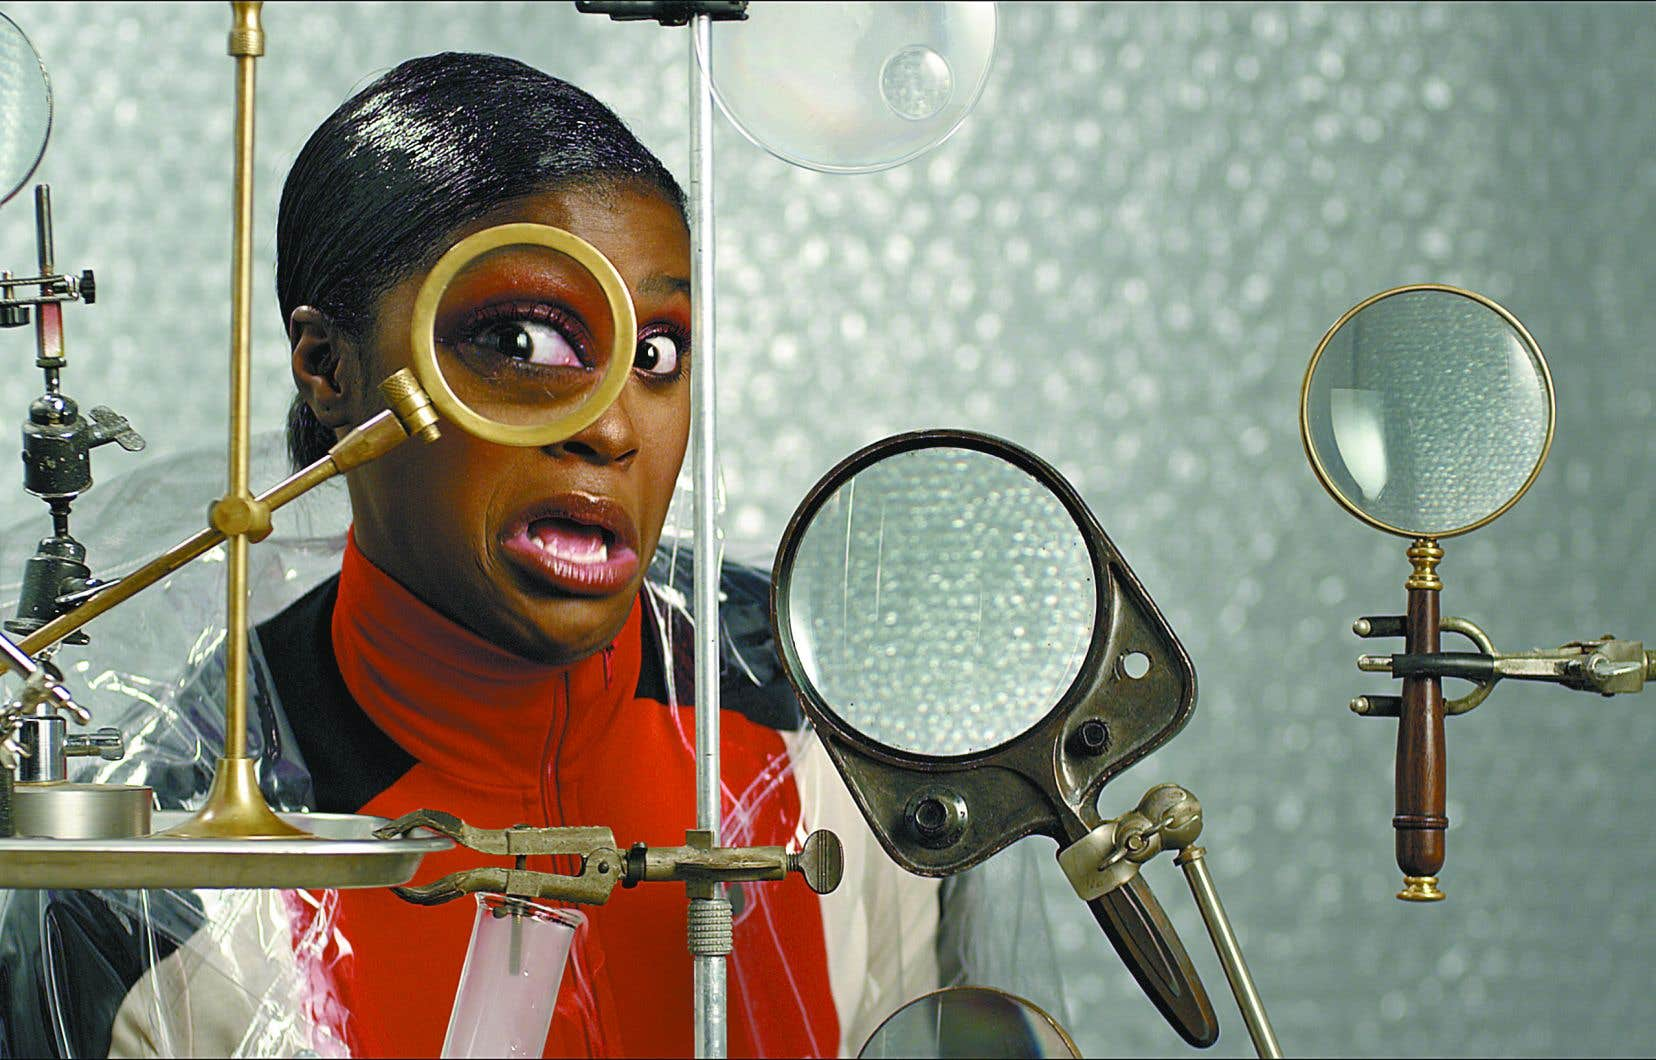 Image tirée du clip «Whack World» de la chanteuse Tierra Whack Réalisation par Thibaut Duverneix